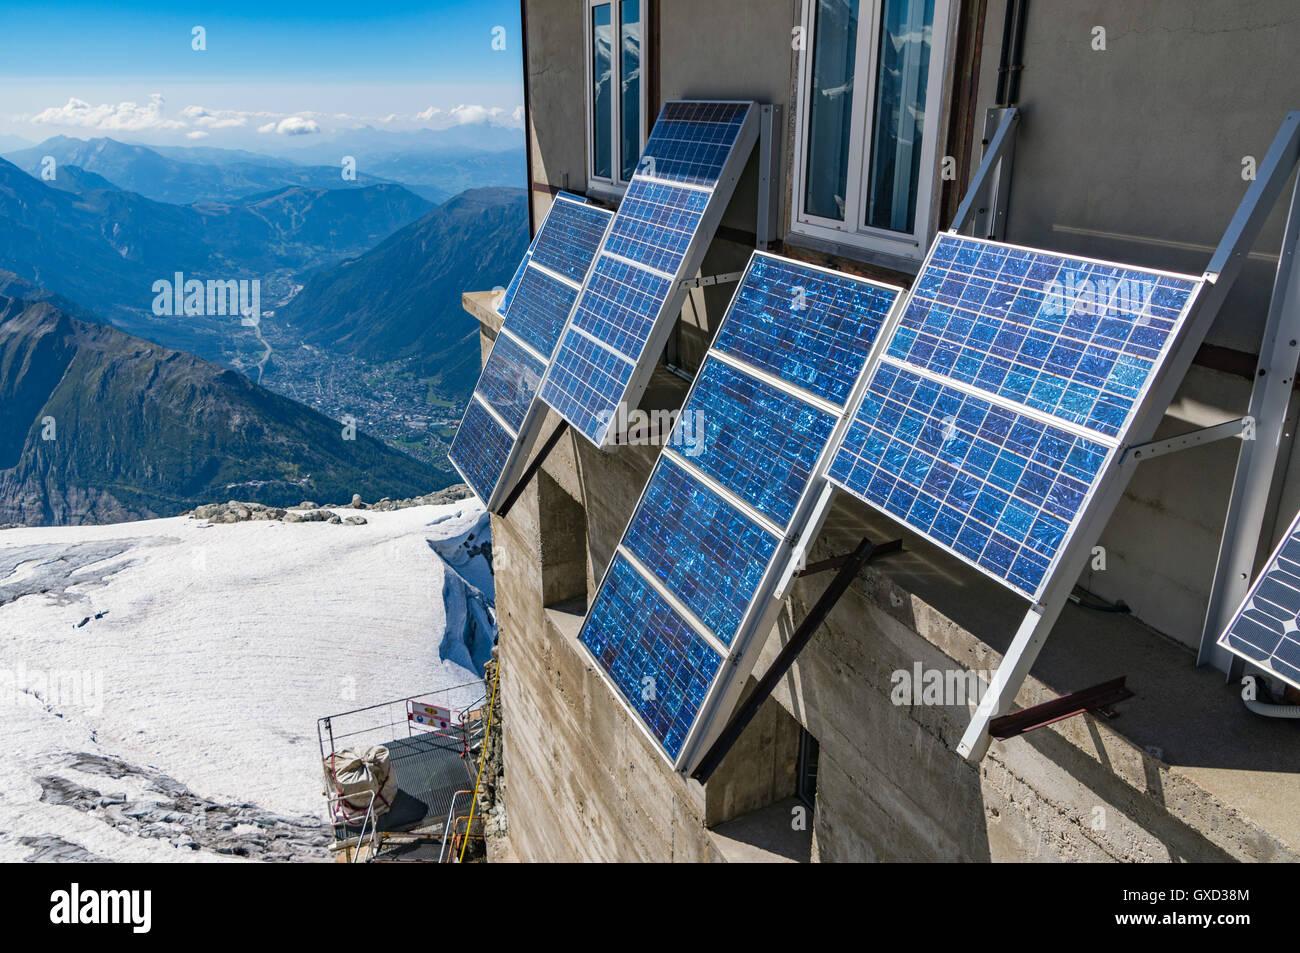 Des panneaux solaires sur le côté du bâtiment, Alpes Photo Stock